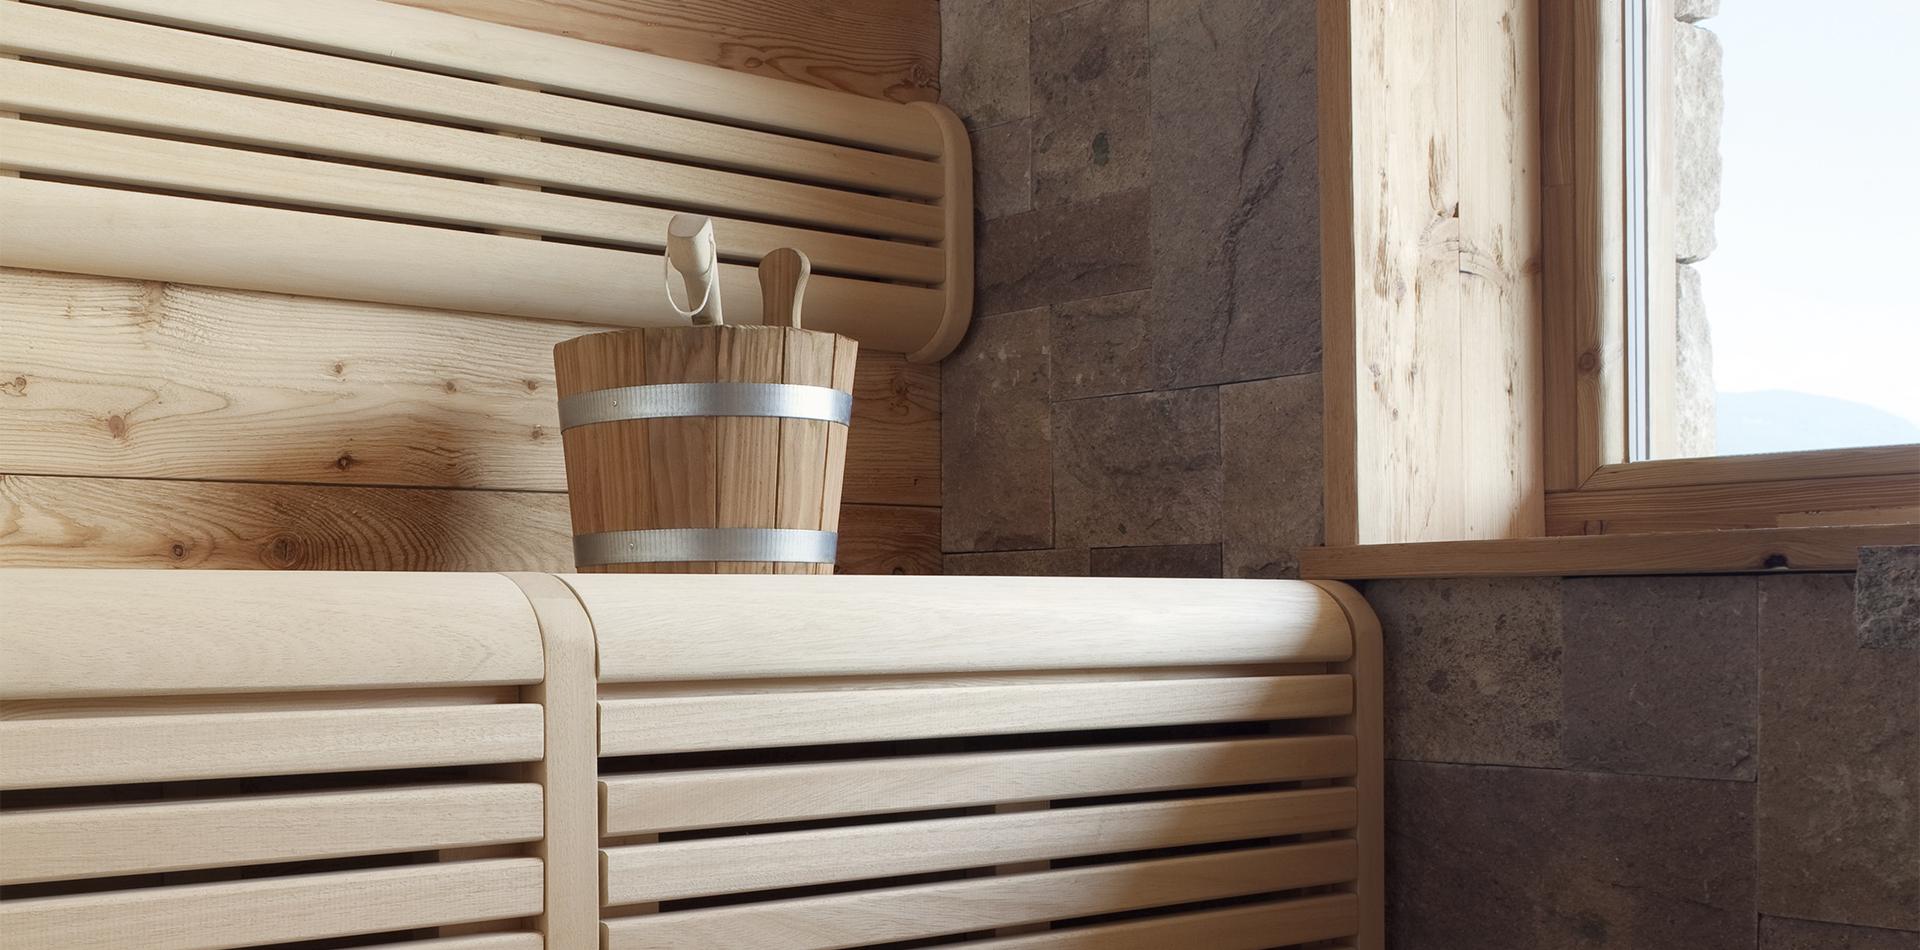 sauna stube 5